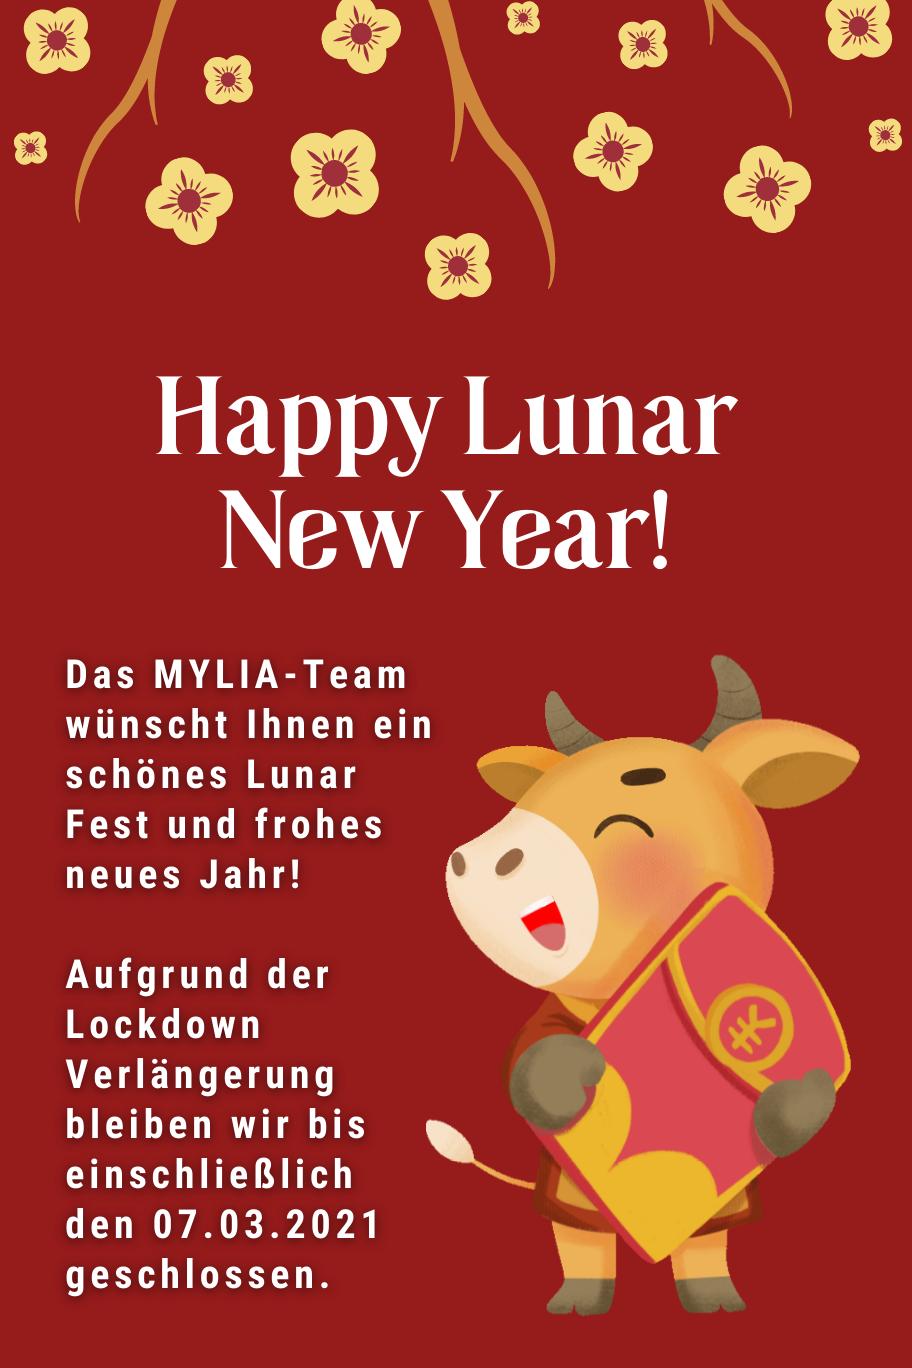 MYLIA Happy New Year Lunar